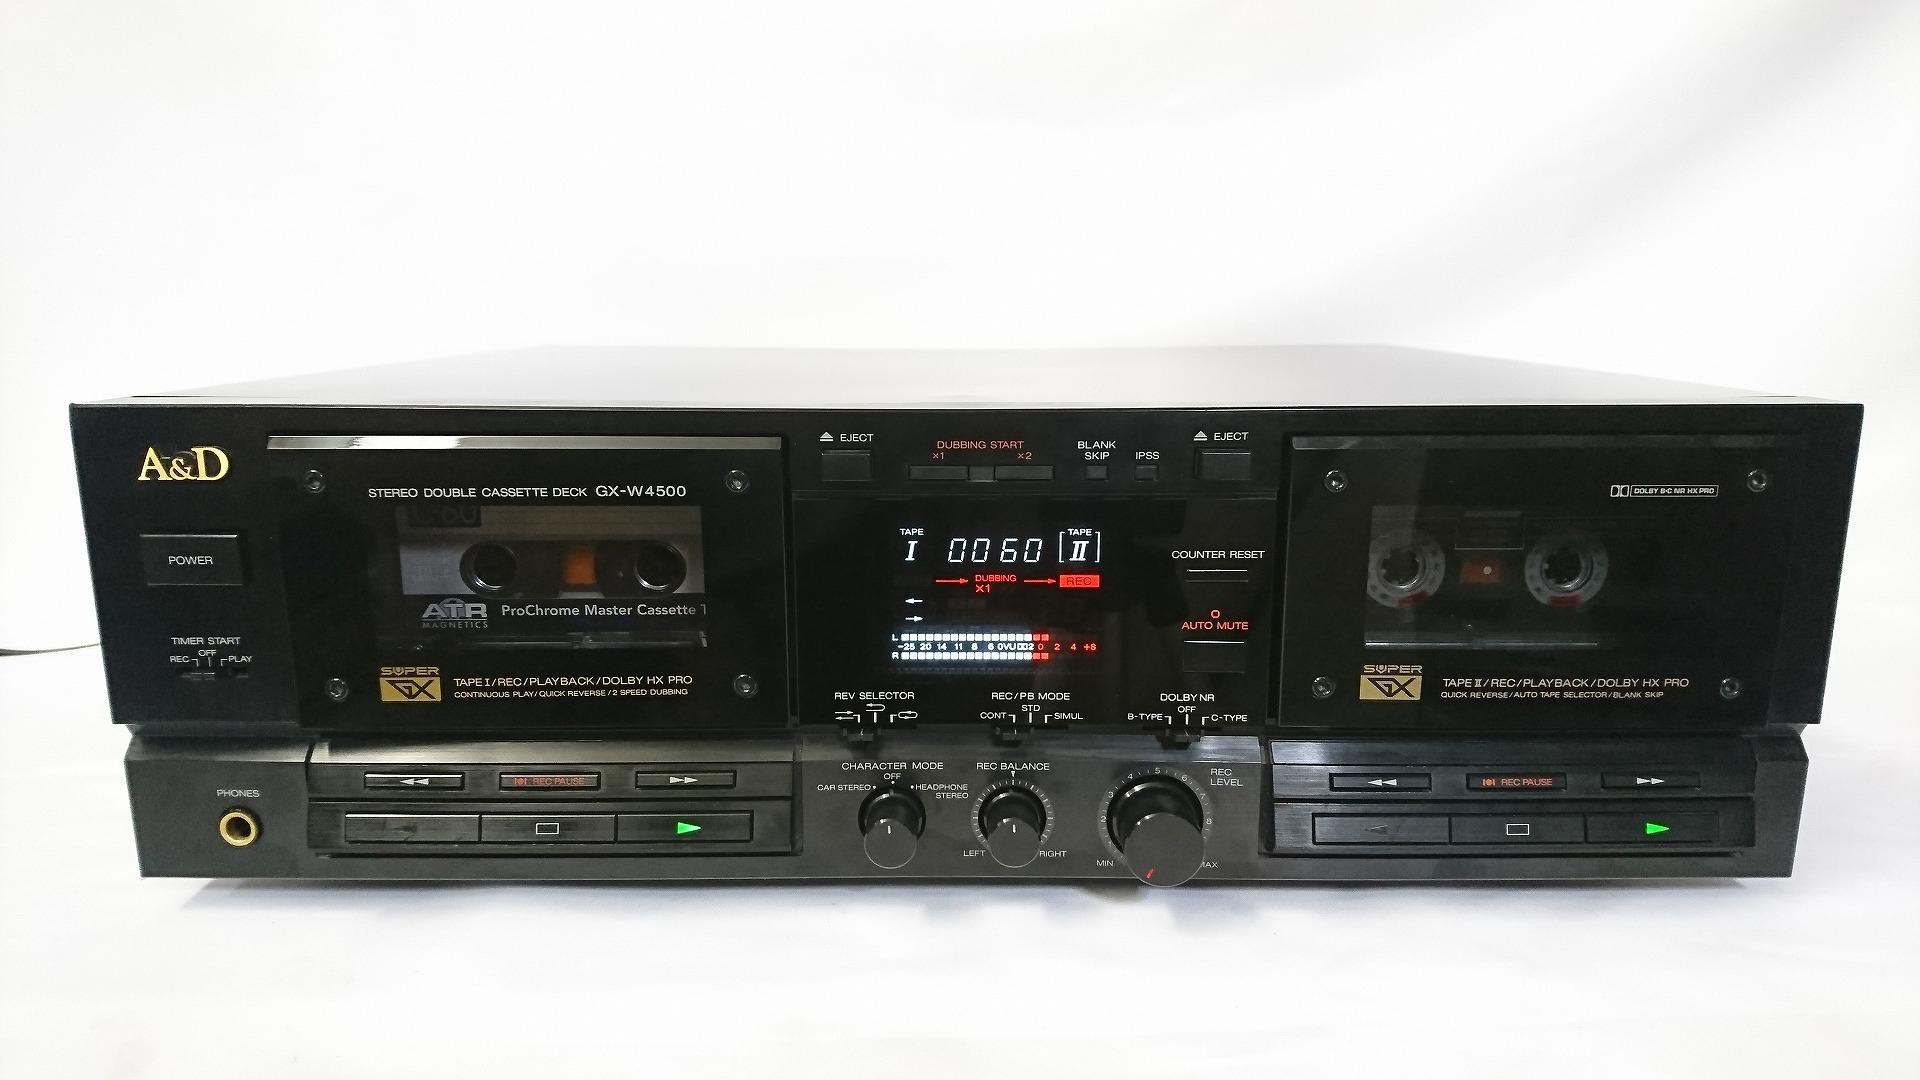 AKAI GX-W4500